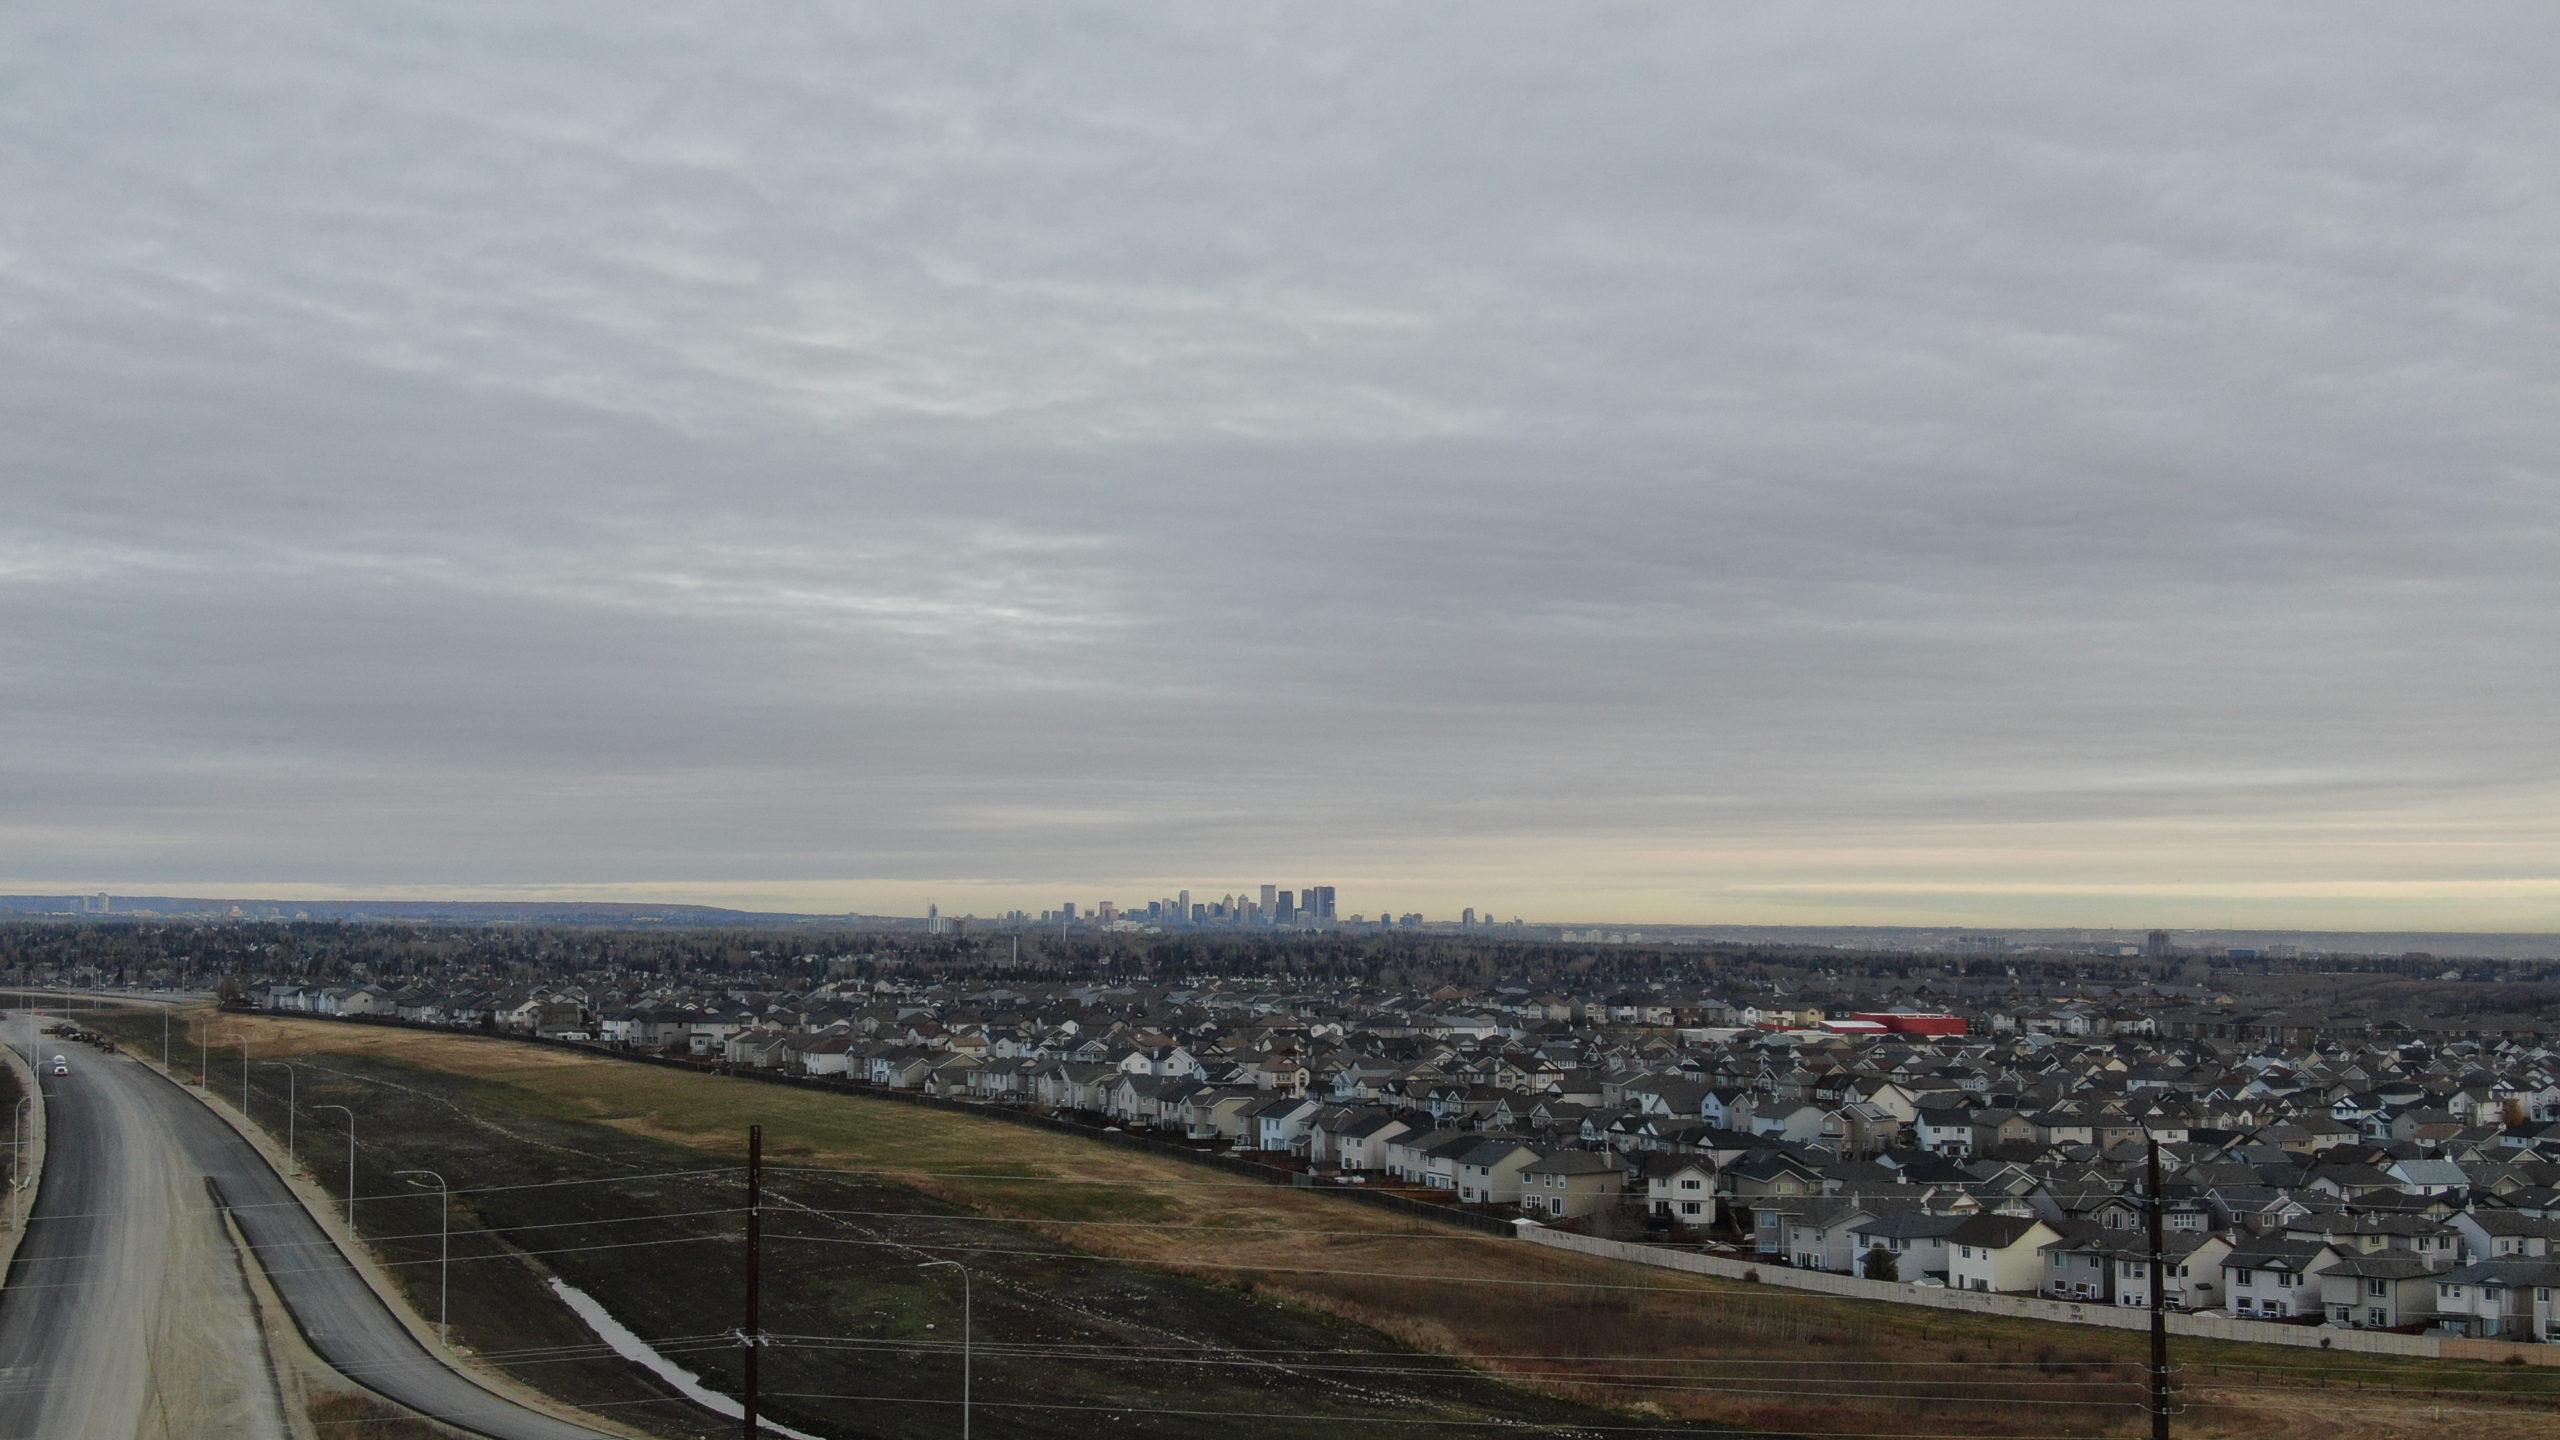 suburbs of Calgary near the SW Calgary Ring Road